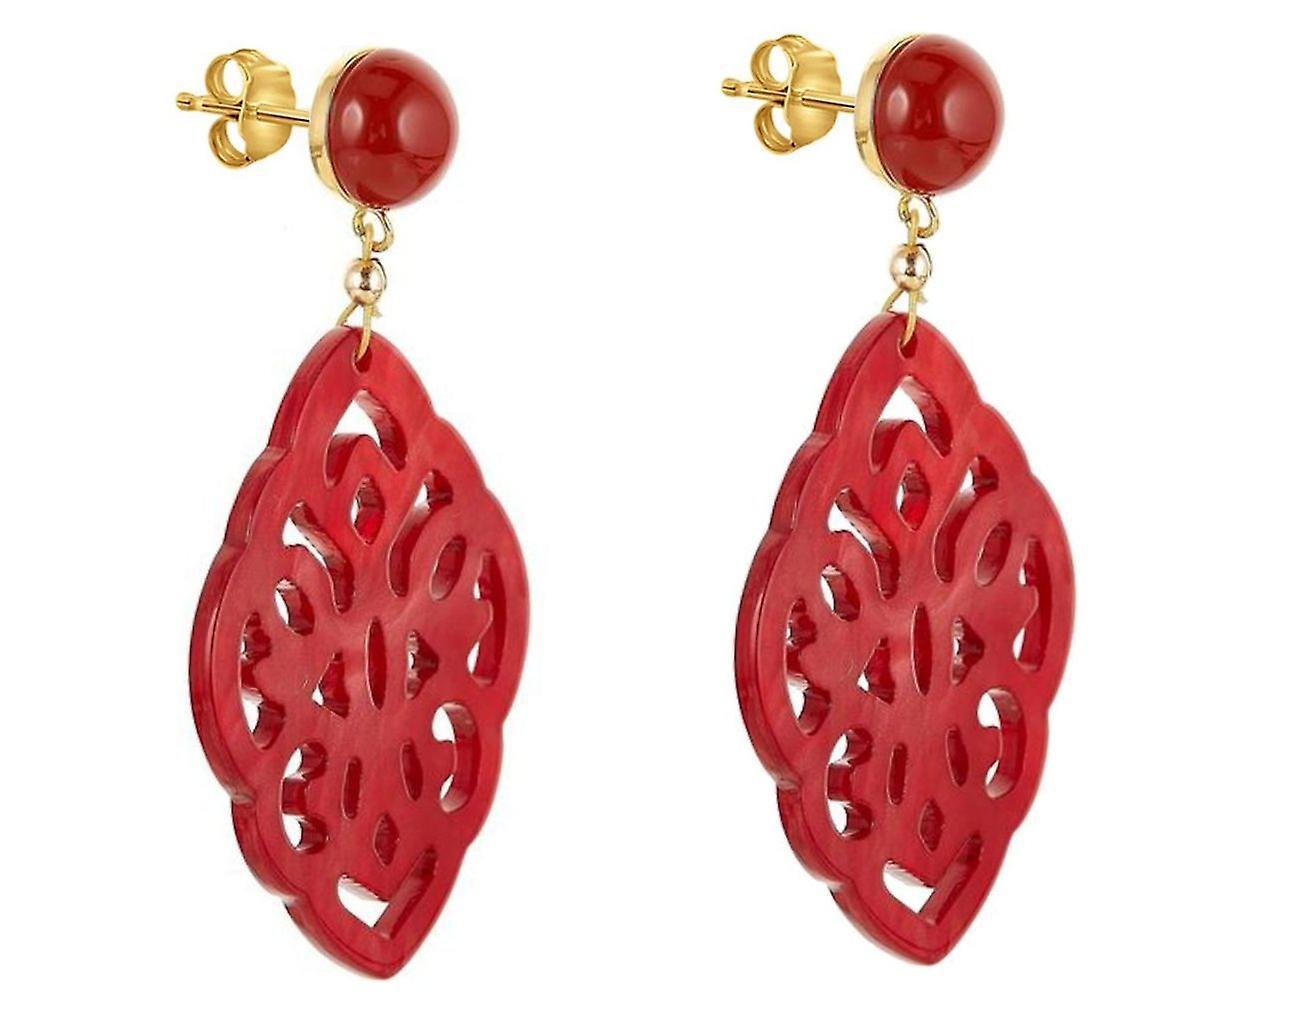 Gemshine Ohrringe Rote Karneolen, Schildpatt Harz Tropfen - 925 Silber Vergoldet